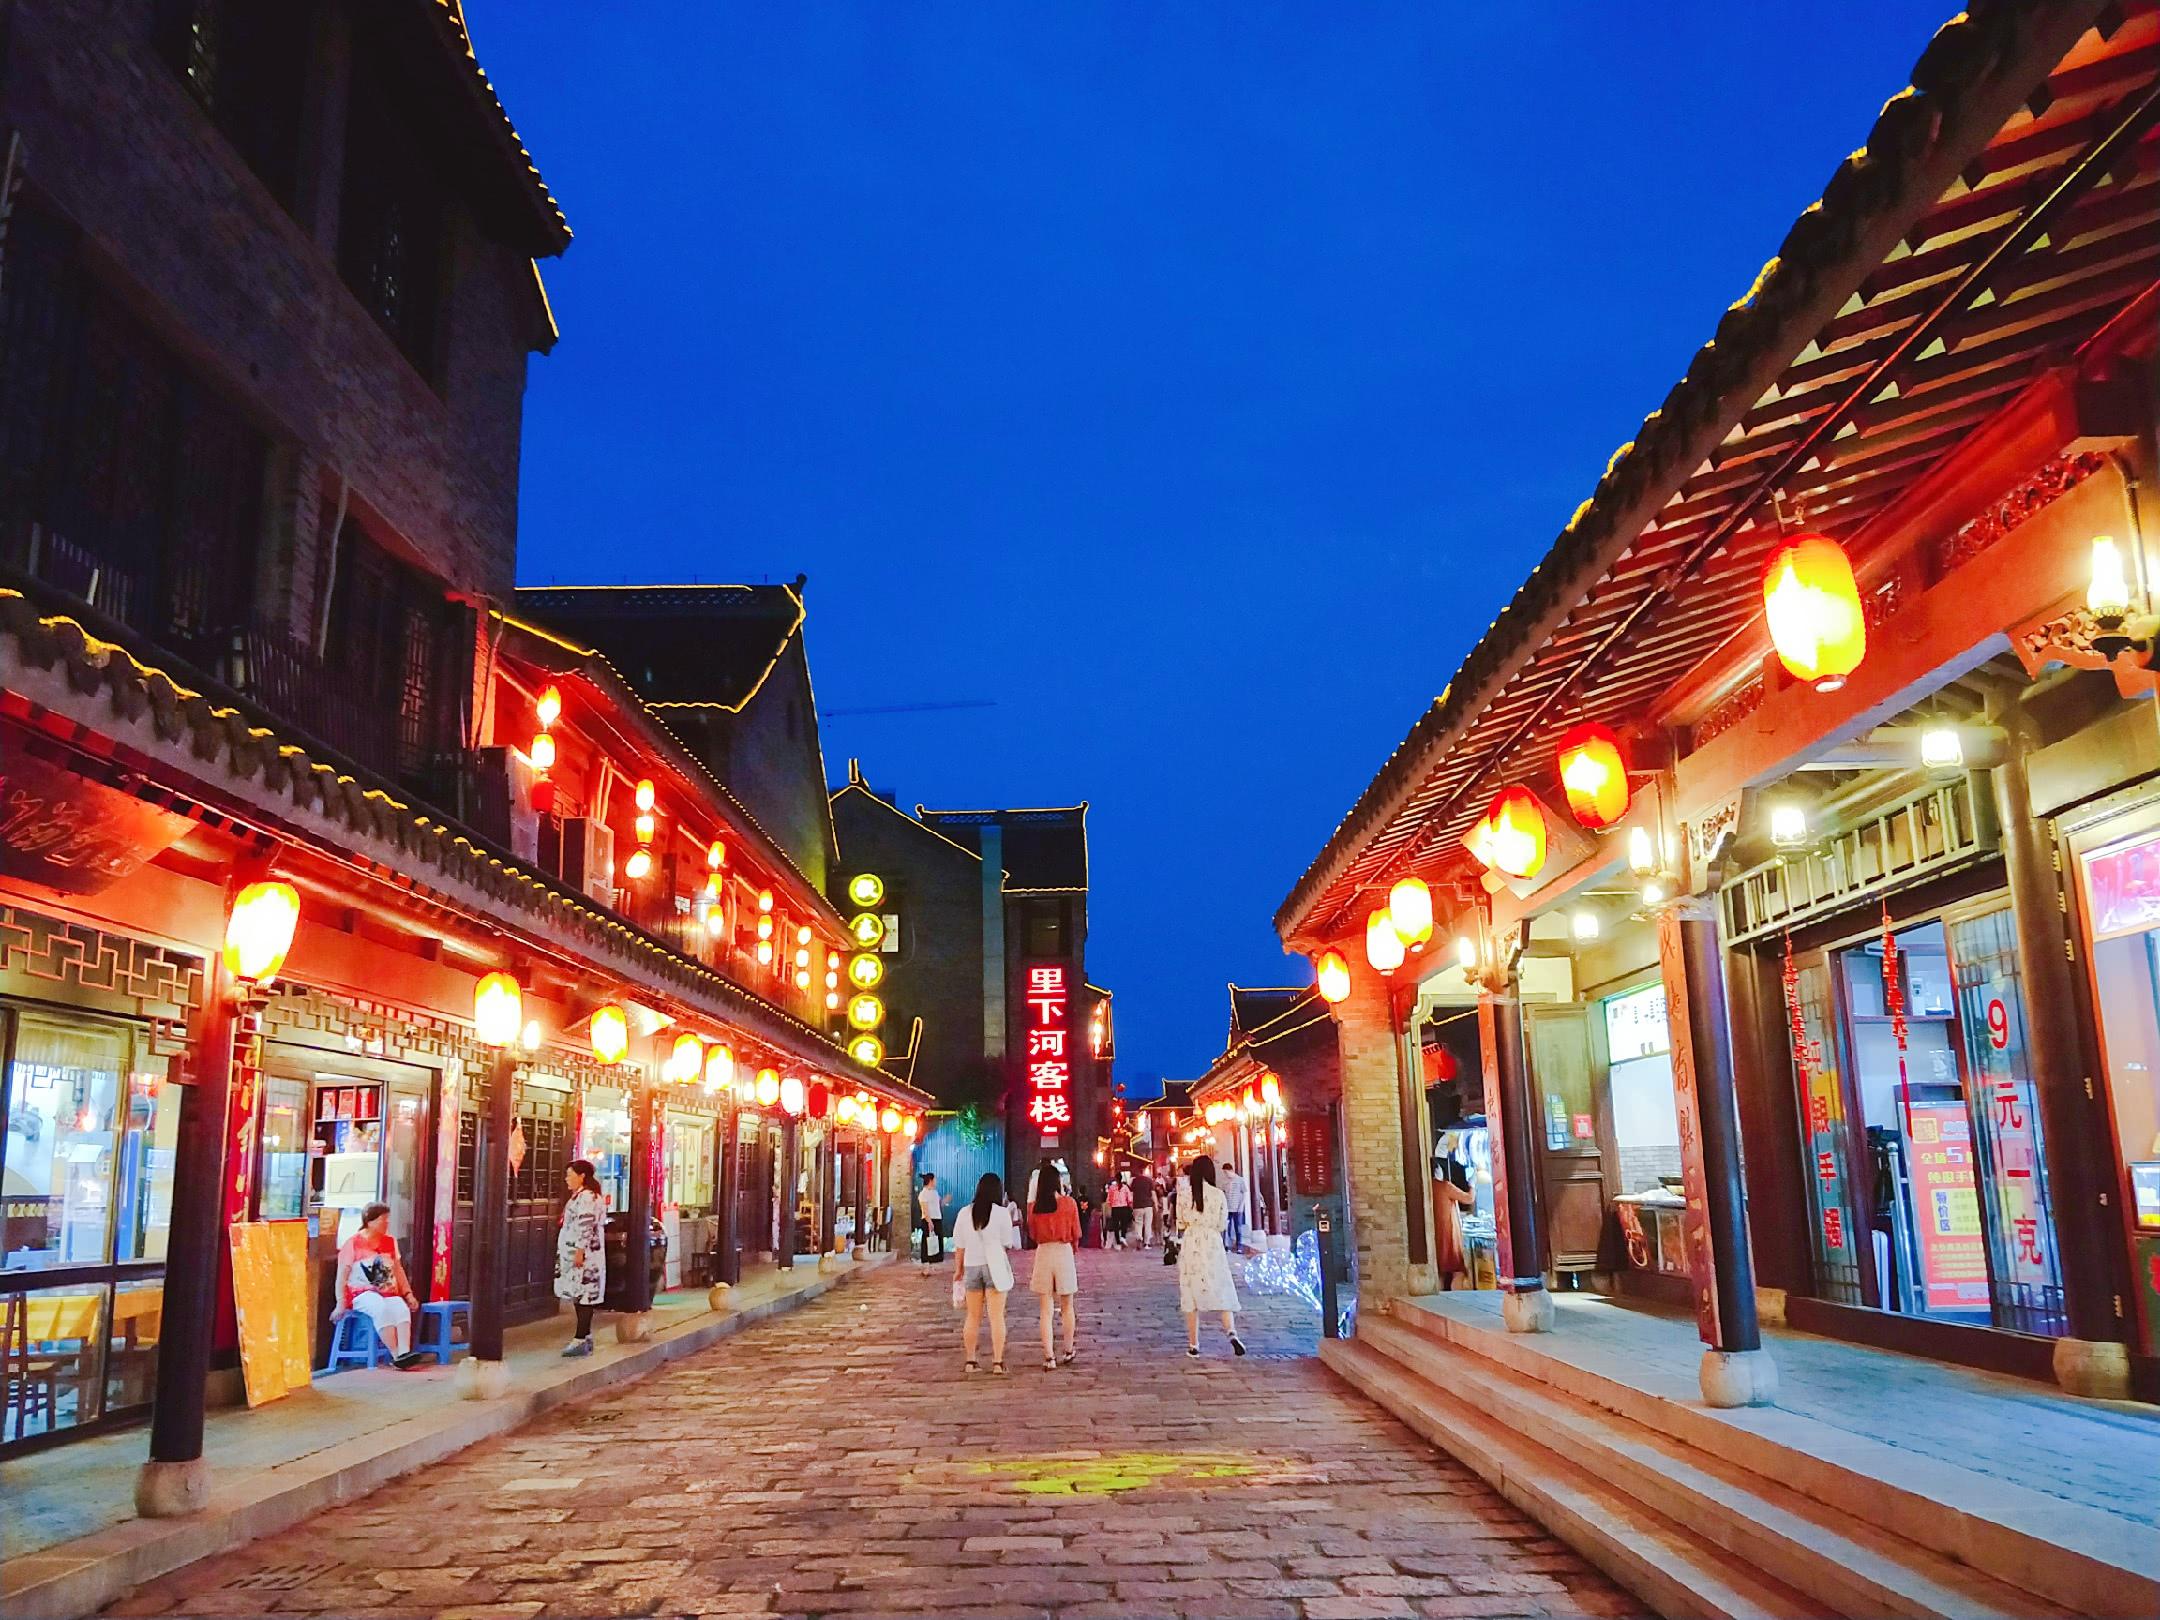 千百年来,风调雨顺,安定祥和,被誉为祥瑞福地,祥泰之州.